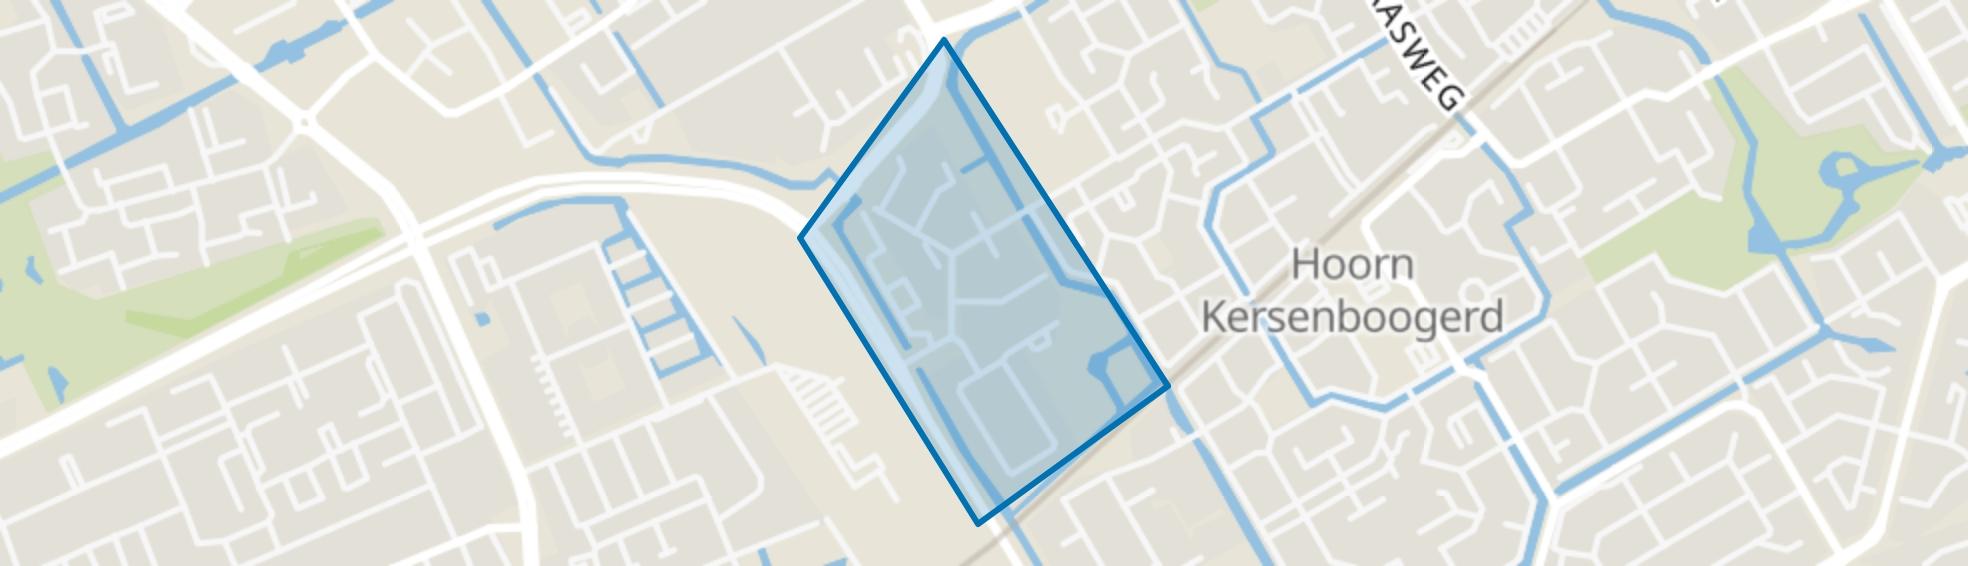 Kersenboogerd-Noord - Buurt 32 00, Hoorn (NH) map